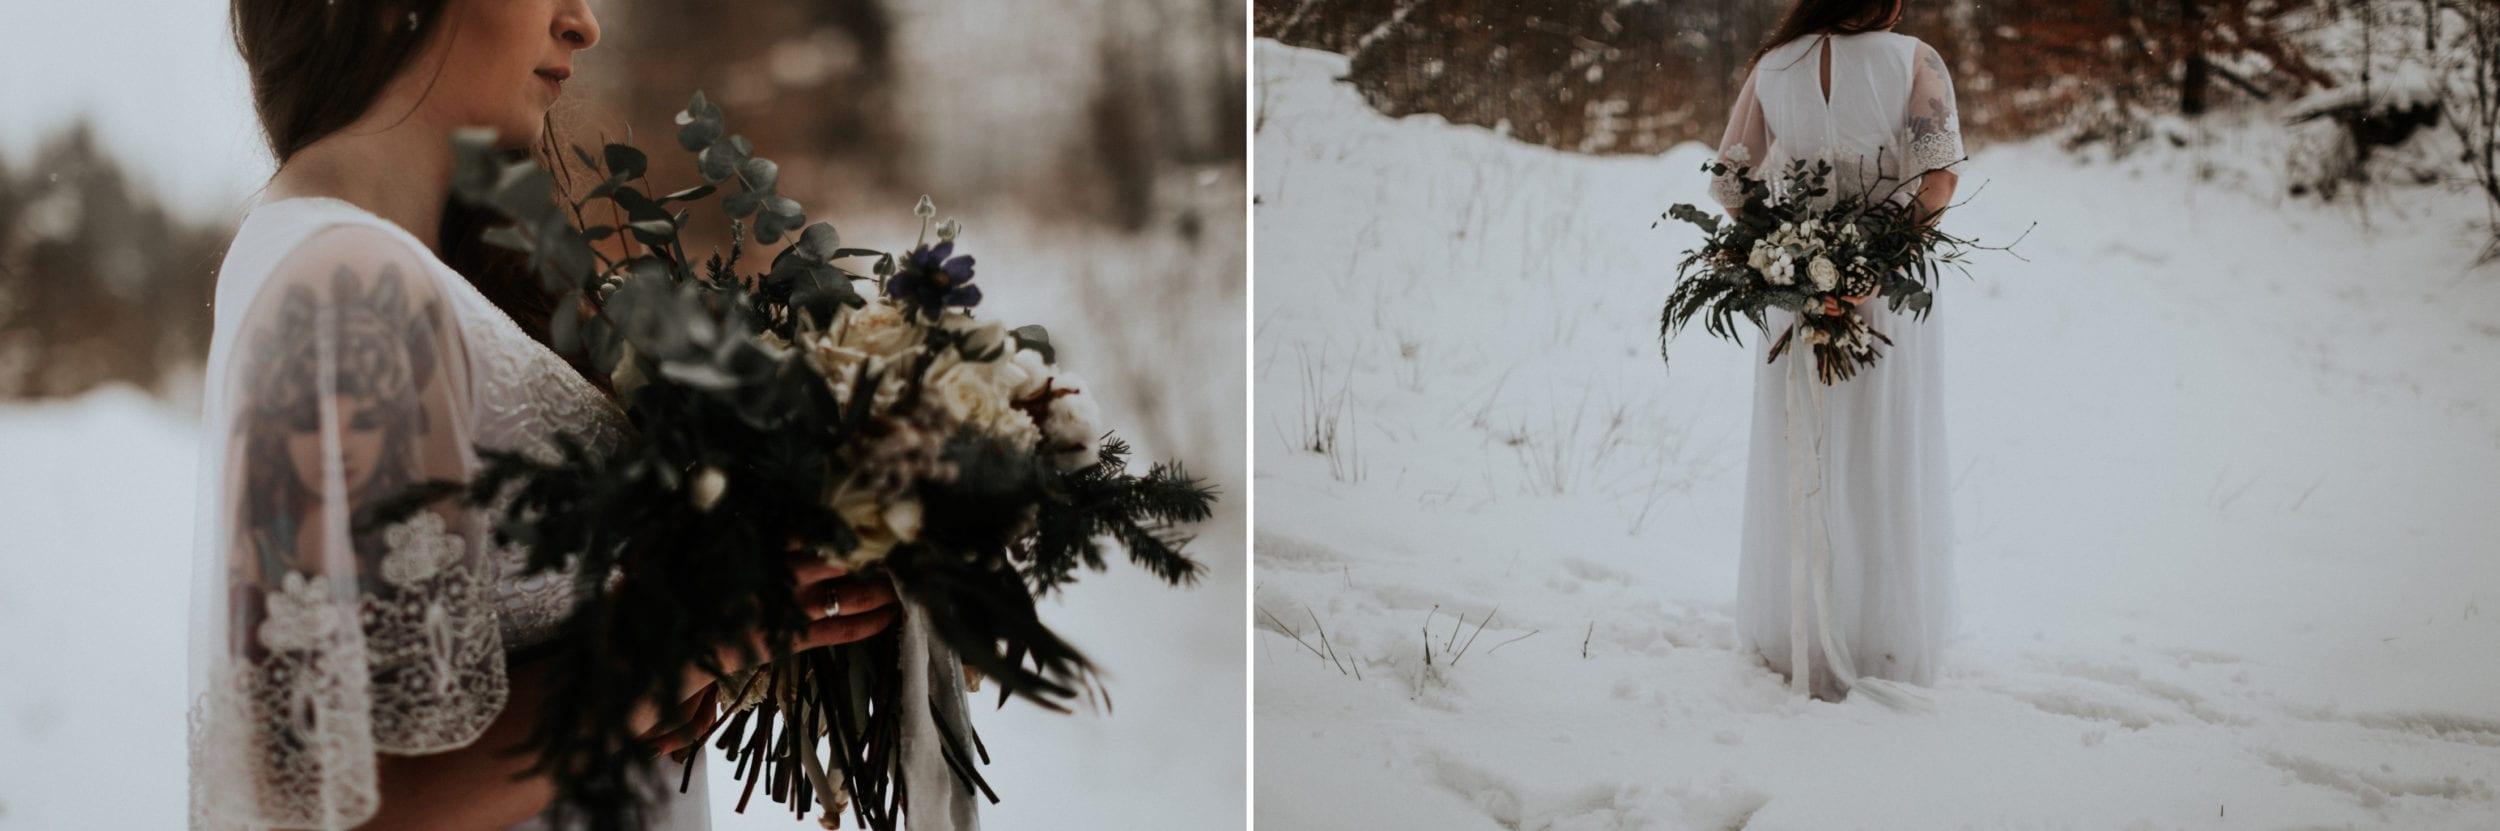 Kasia & Mariusz <br>Zimowa sesja w górach 24